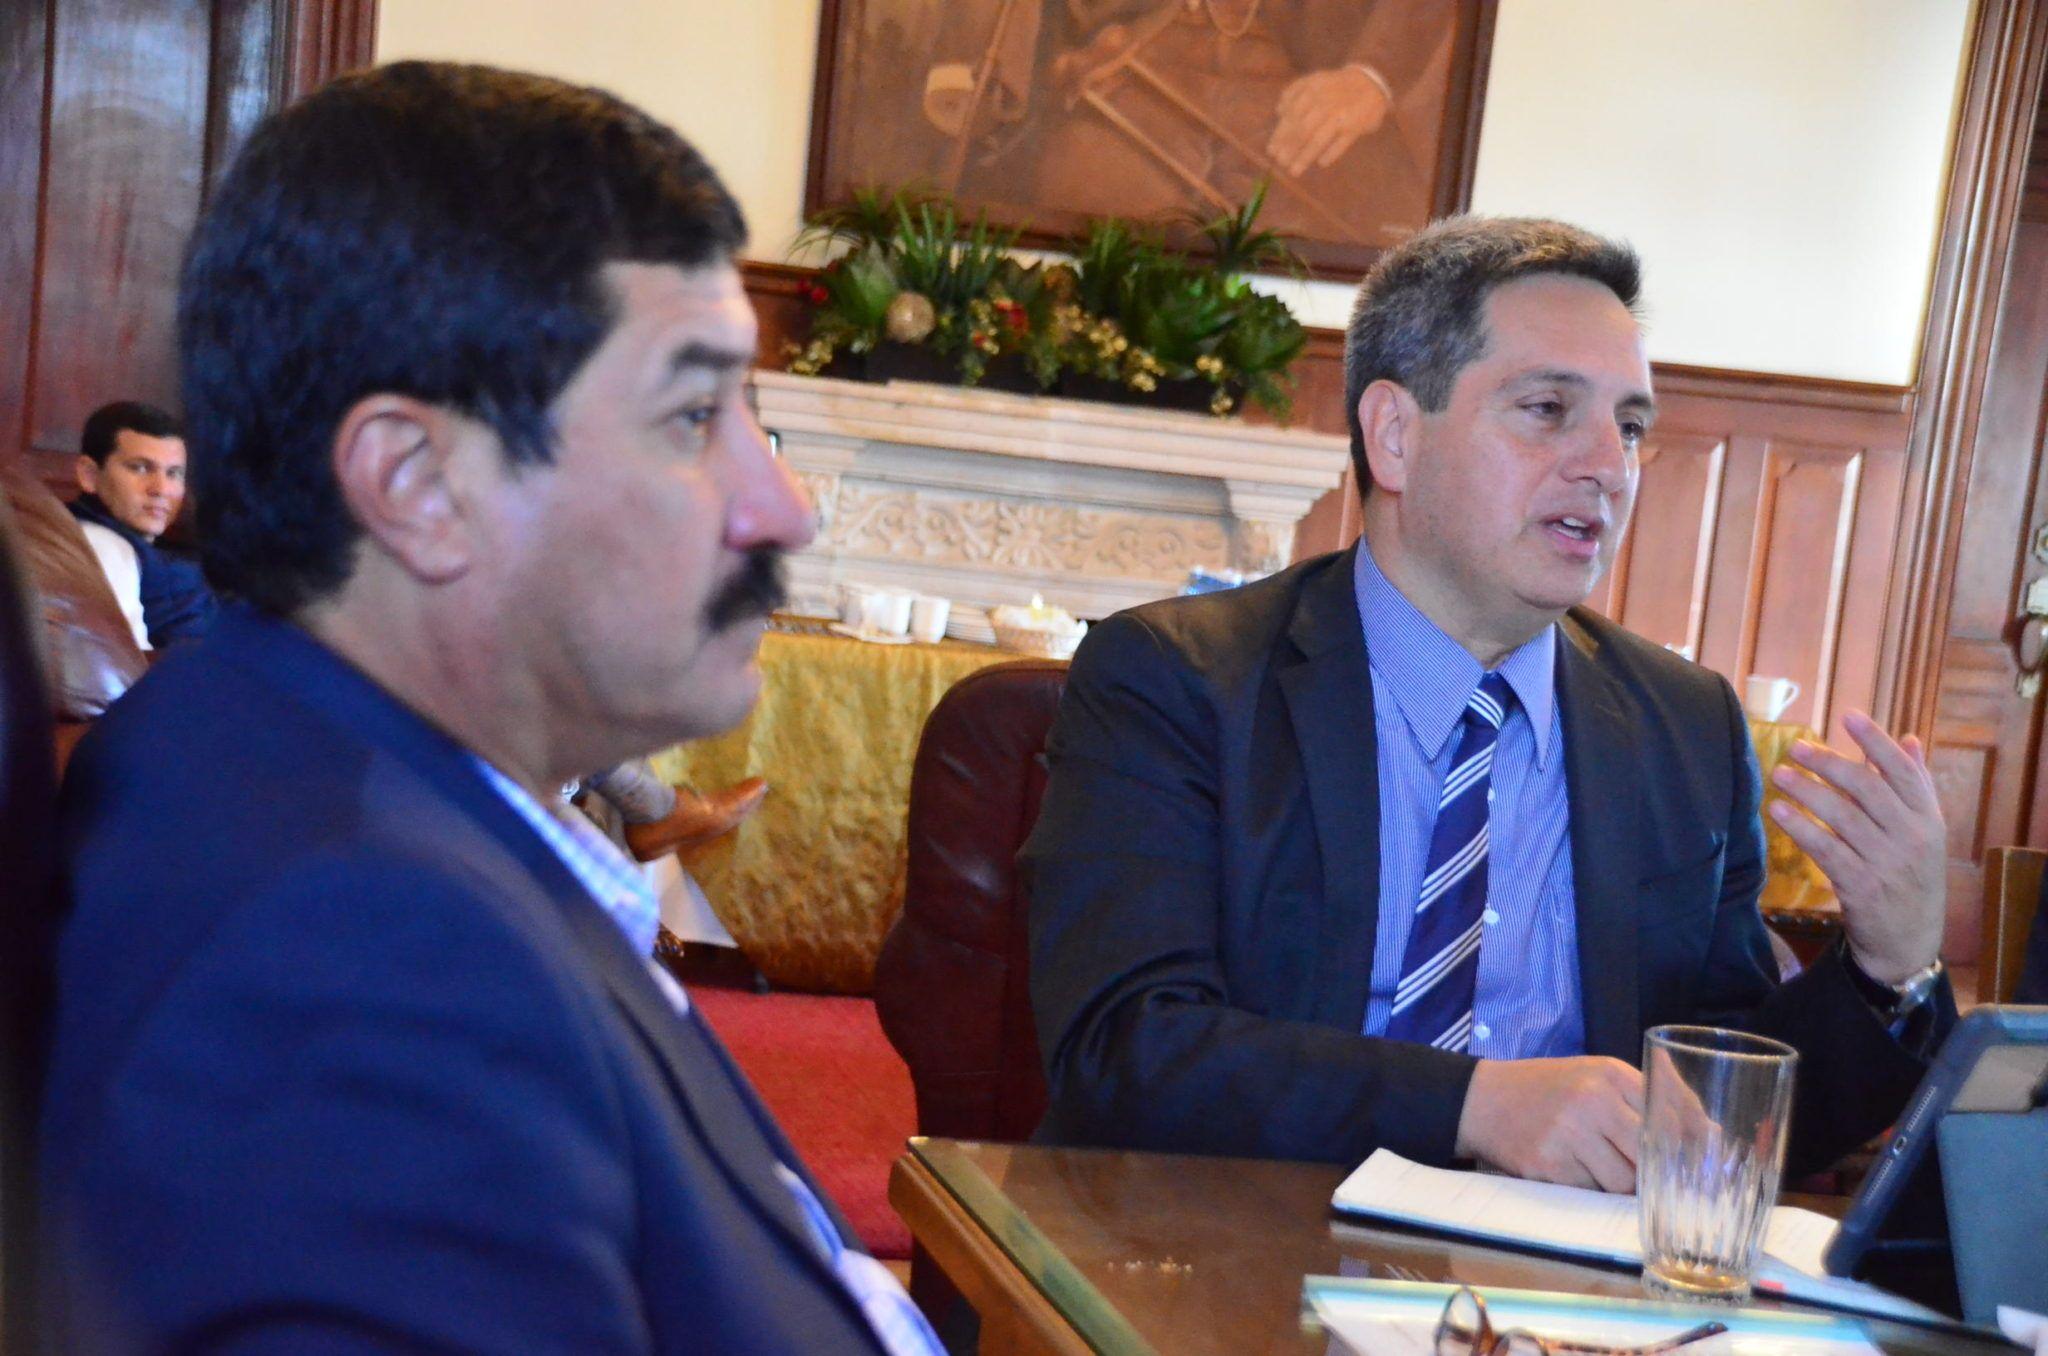 El gobernador se reunió con el Fiscal General, César Augusto Peniche Espejel para dar seguimiento a la investigación del asesinato de Isidro Baldenegro...